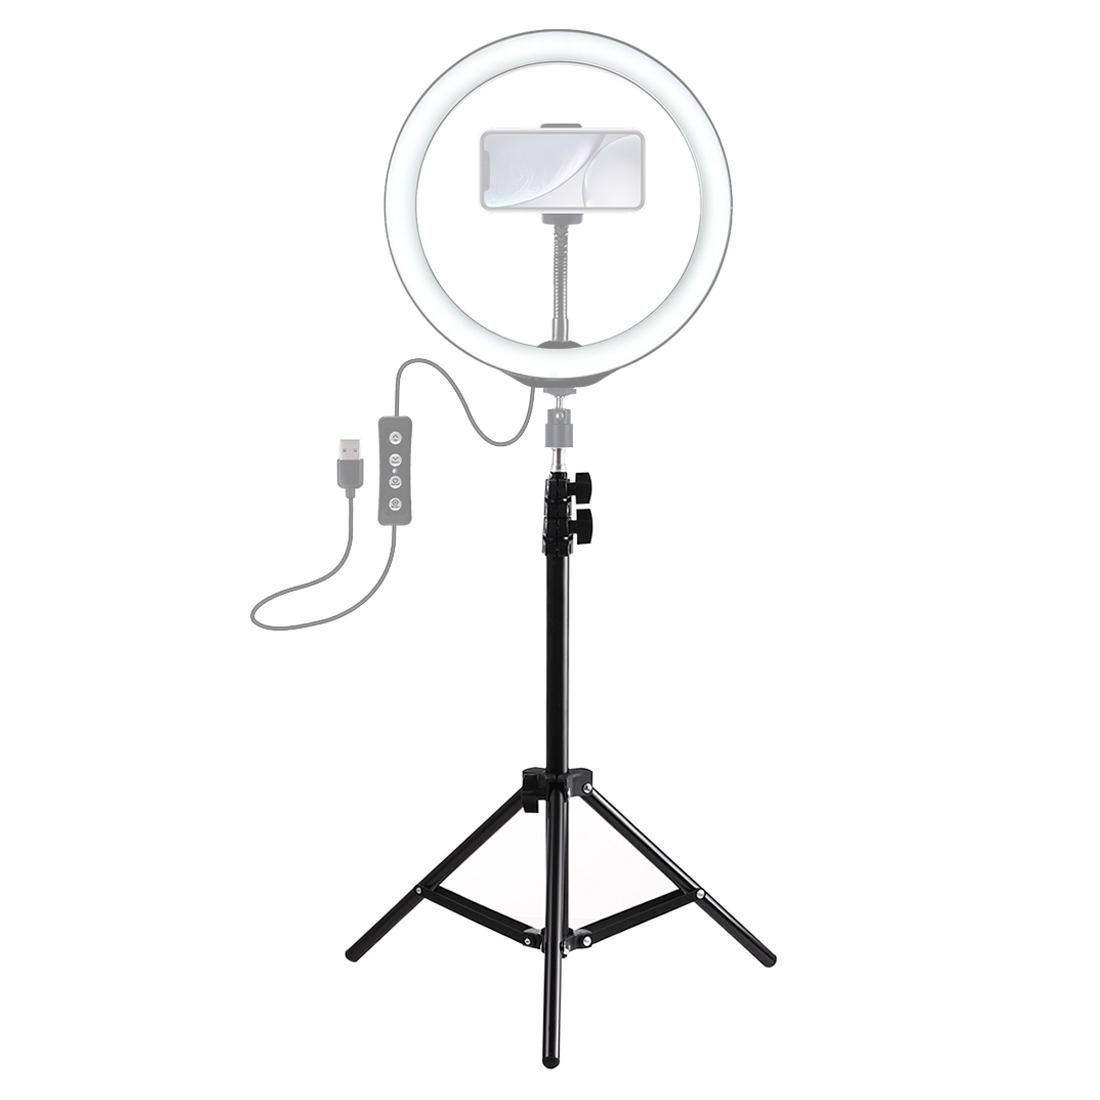 PULUZ 1.1m Altezza del supporto treppiedi per il Vlogging video live luce Broadcast Kit